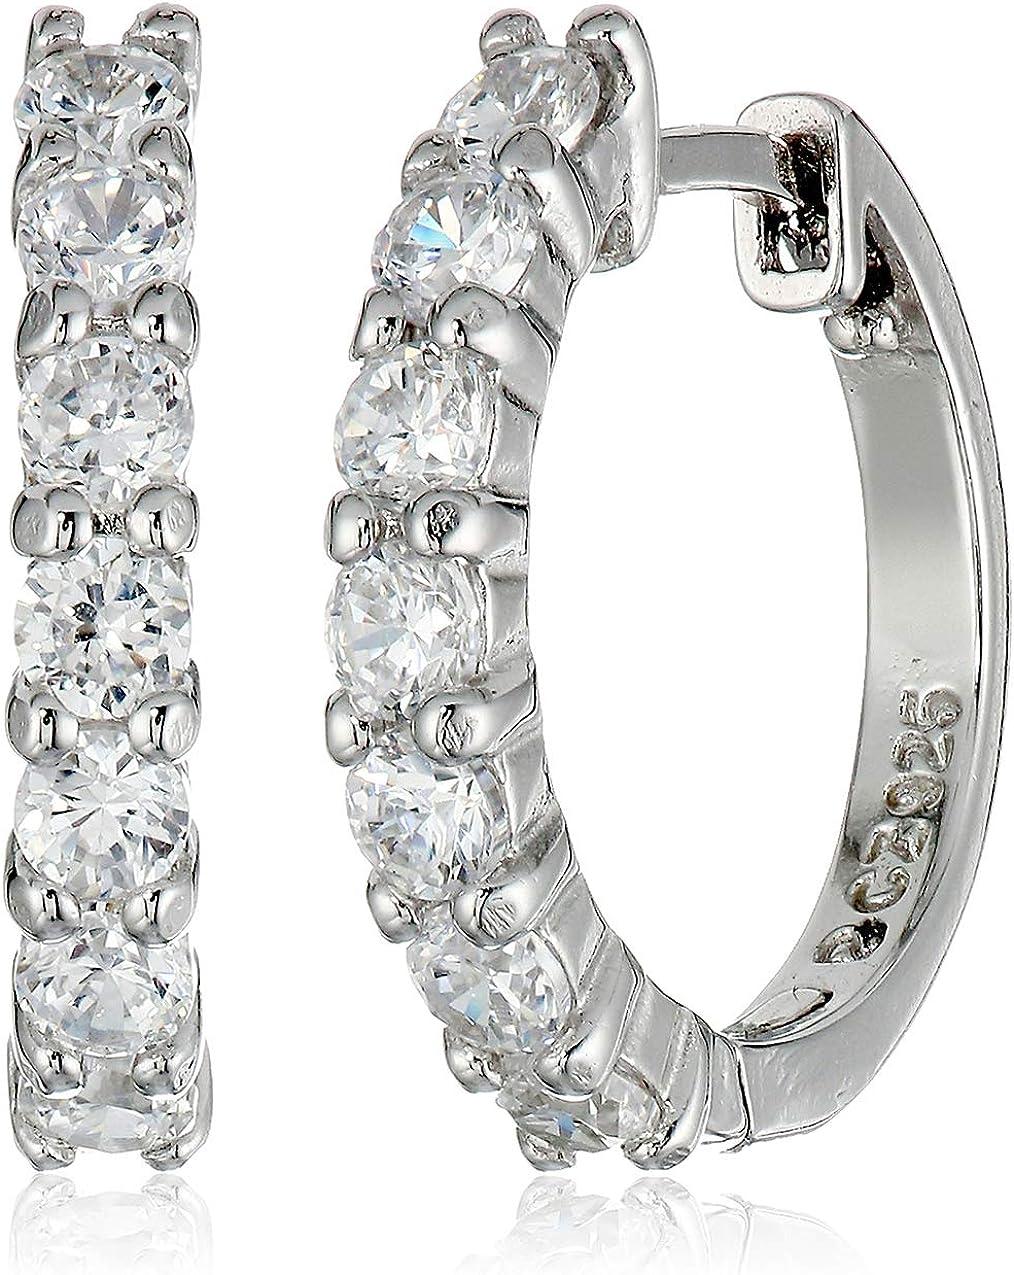 Stainless Steel Black w//Crystals Huggie Hoop Earrings 14484